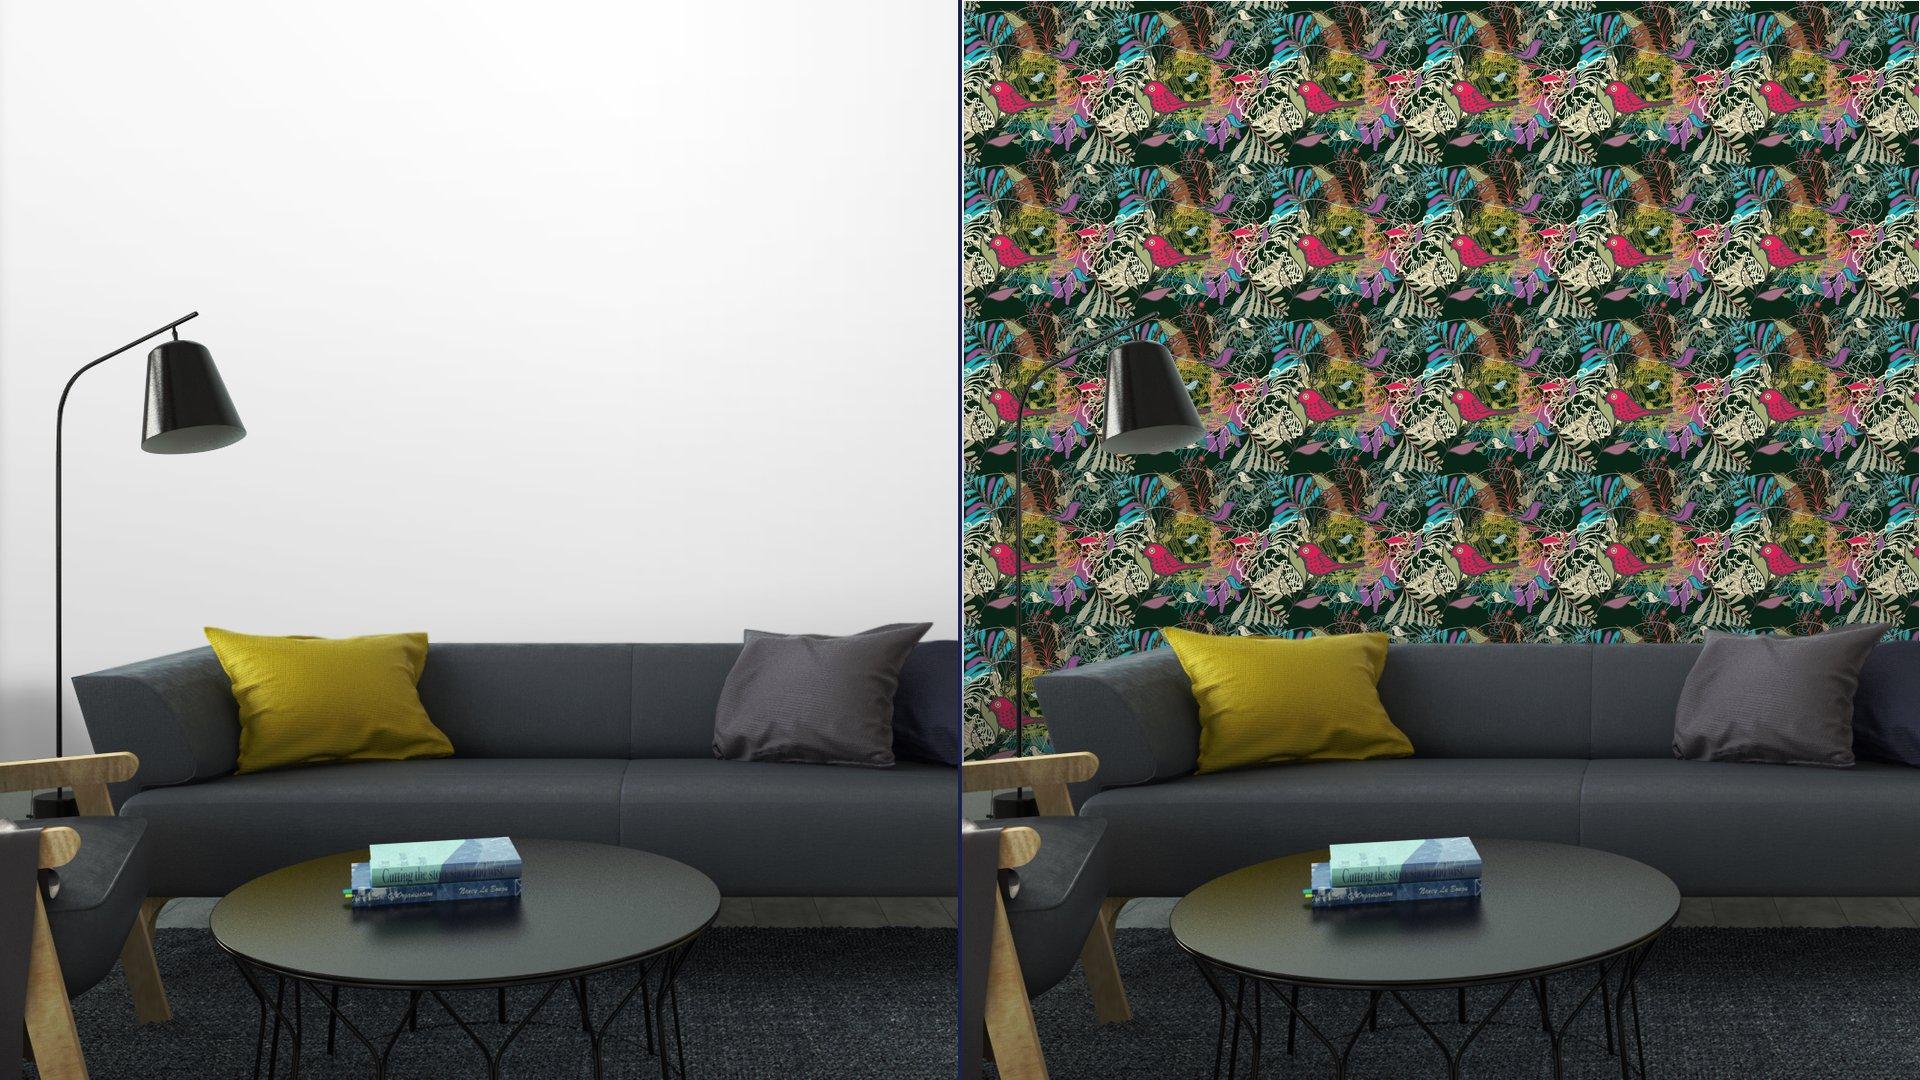 Fotomurales mexico papeles pintados autoadhesivos sin fisuras vector patron 5 - PapelTapizPatrón Floral Abstracto con Aves 01